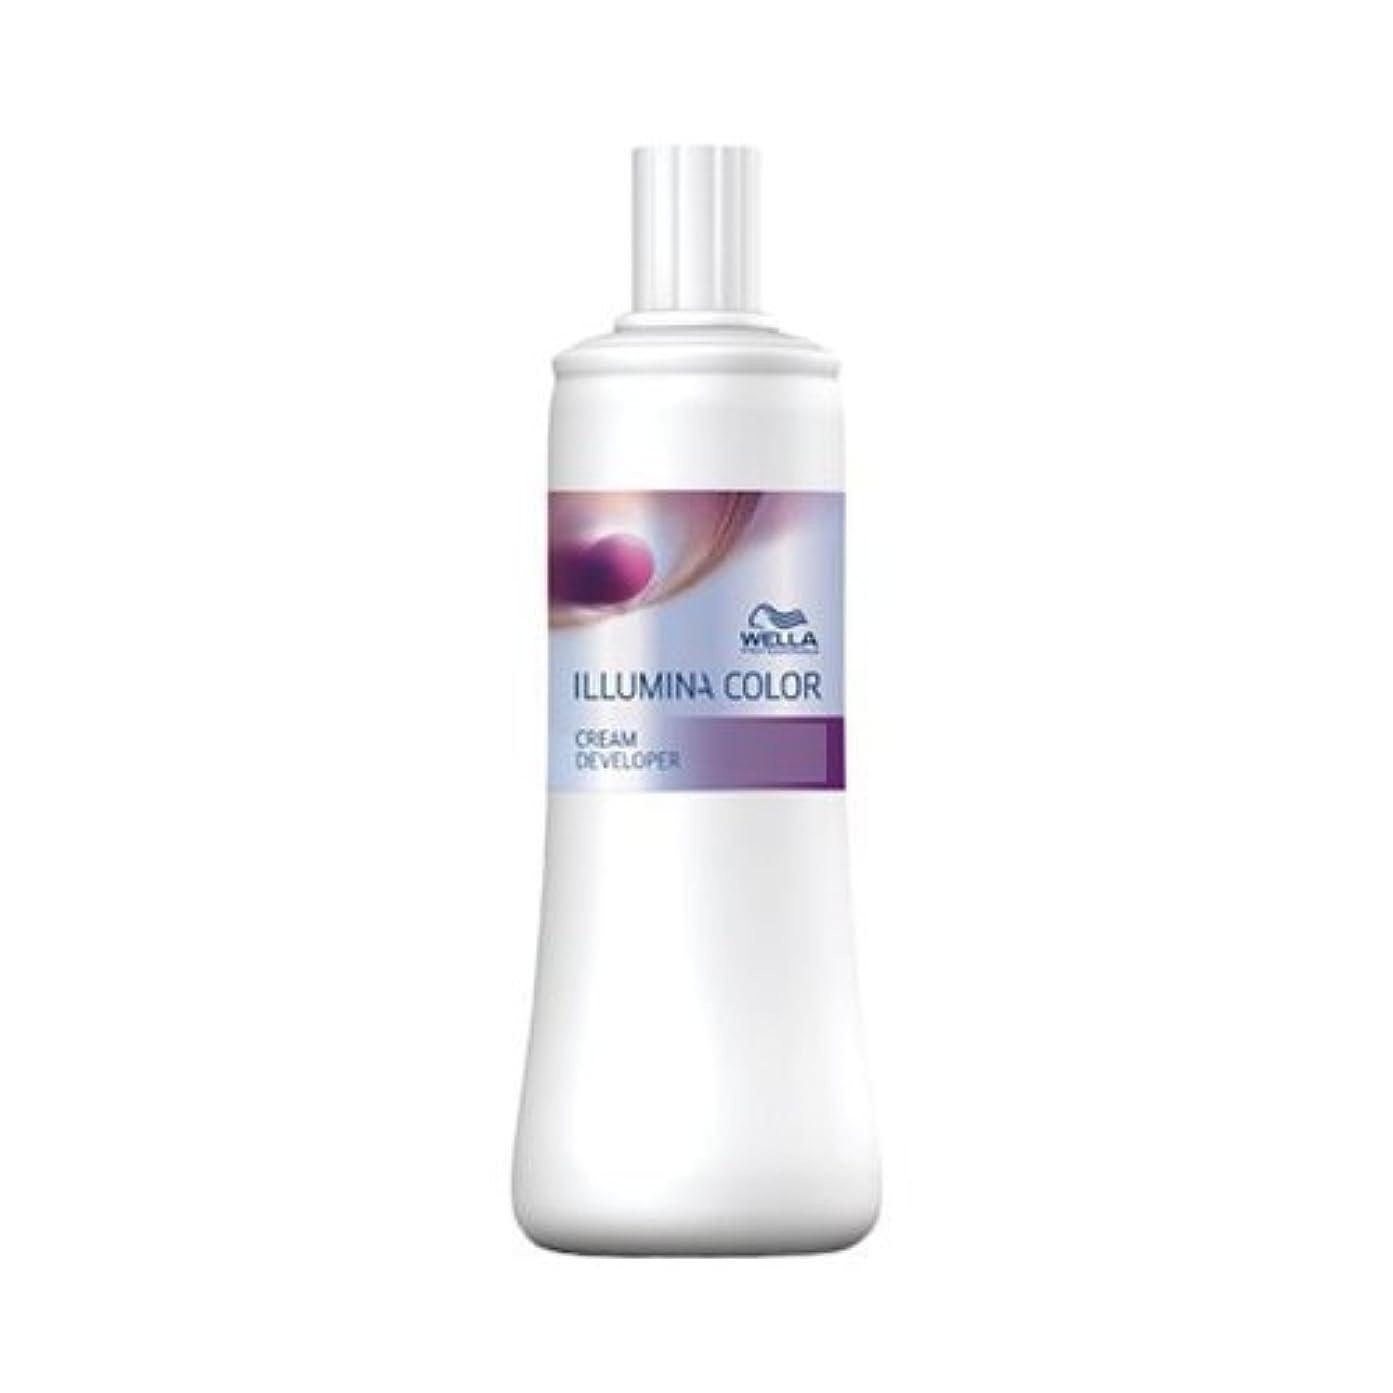 レトルト逃れる純度ウエラ イルミナカラー クリーム ディベロッパー 1.5% 1000ml(2剤)